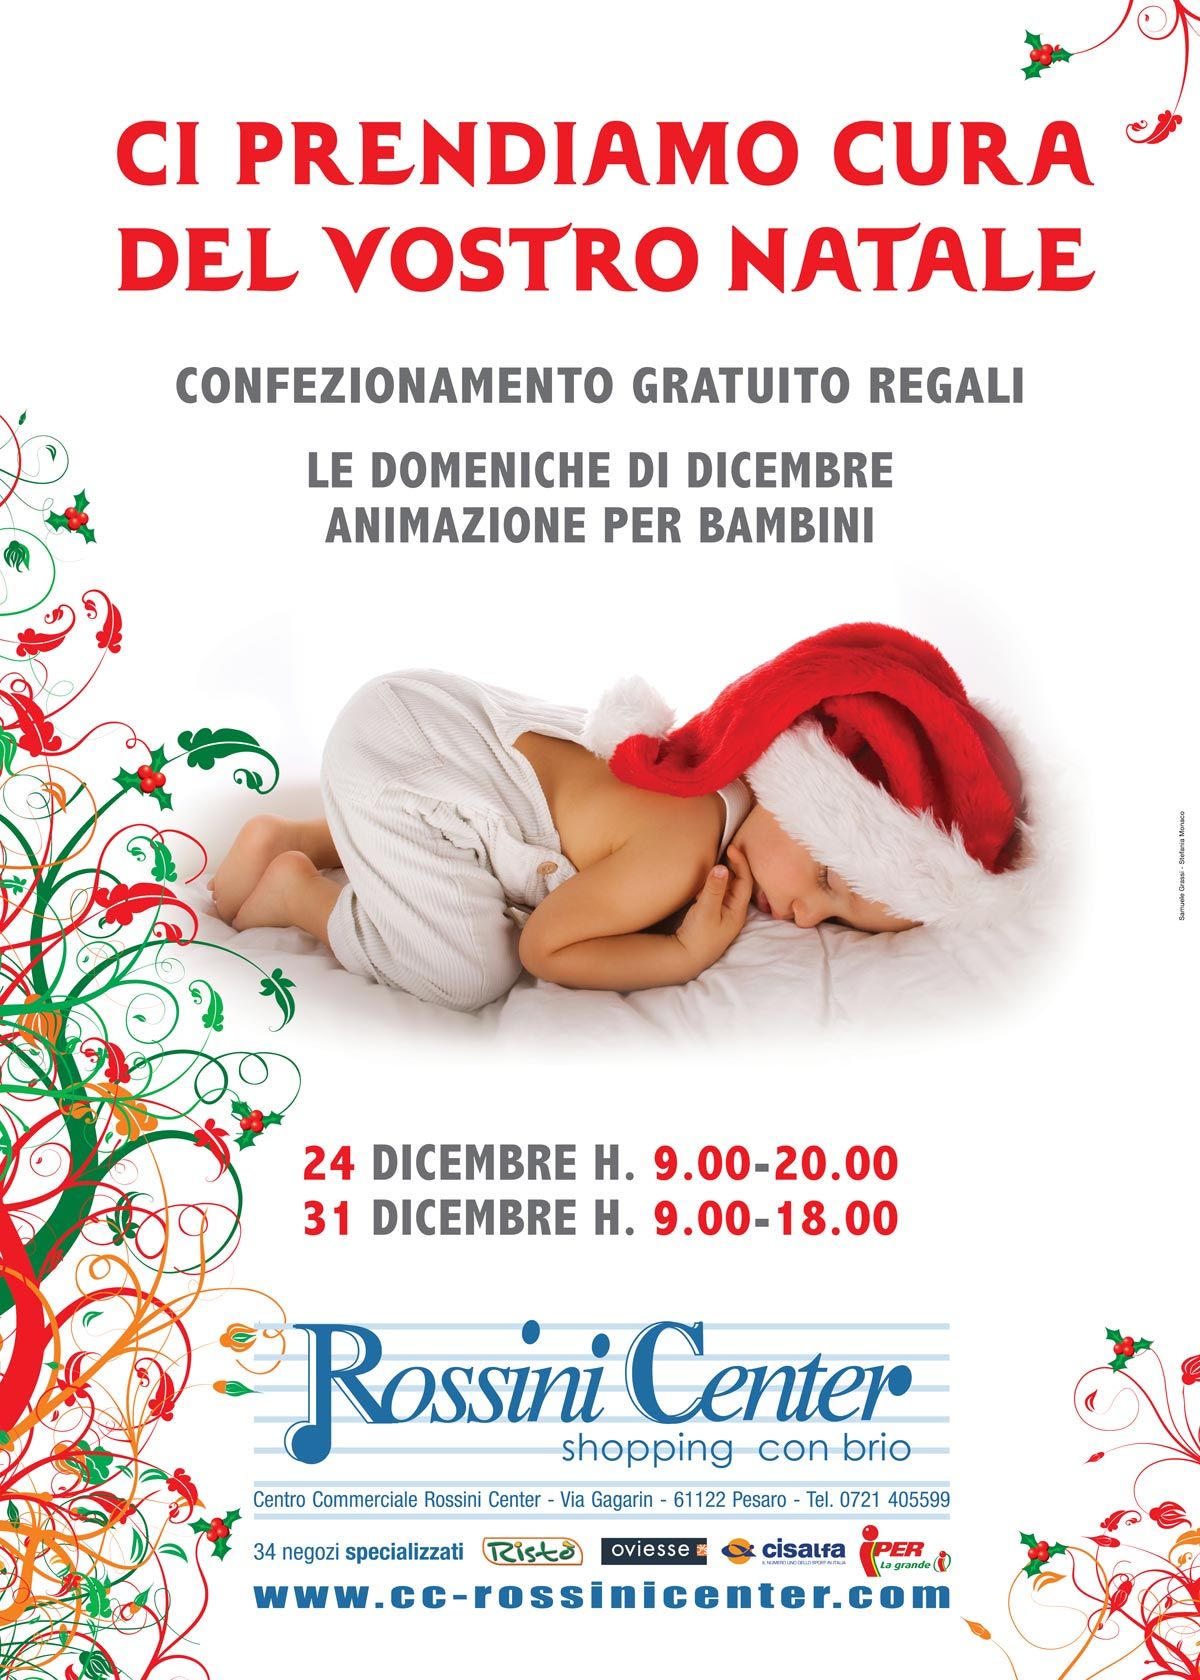 23fd3329864d Natale, Rossini Center, 2011. rossini_novembre_100x140-pocket Natale al Centro  Commerciale ...